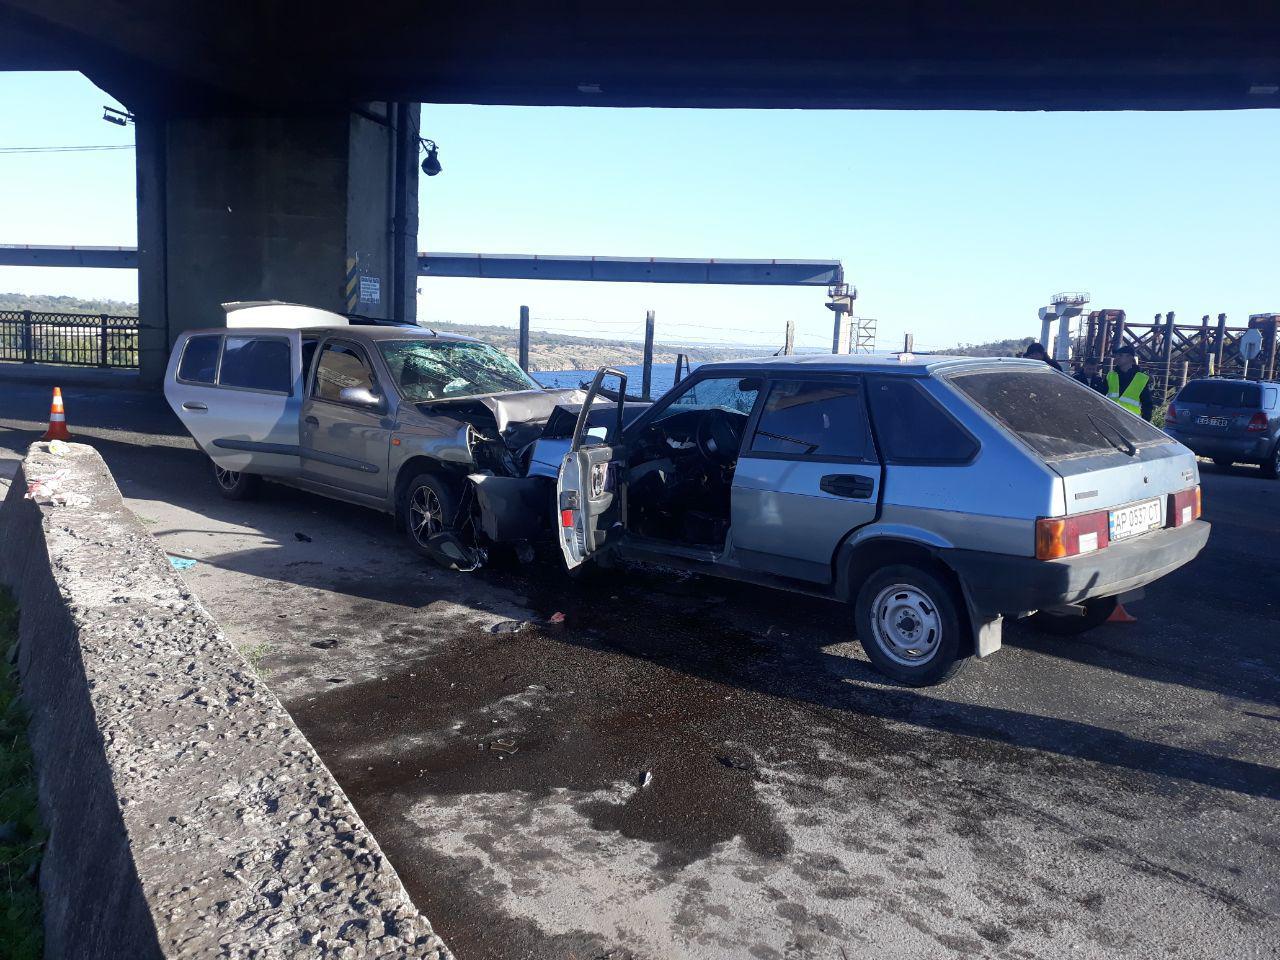 В Запорожье произошло ДТП на мосту Преображенского: есть пострадавшие – ФОТО